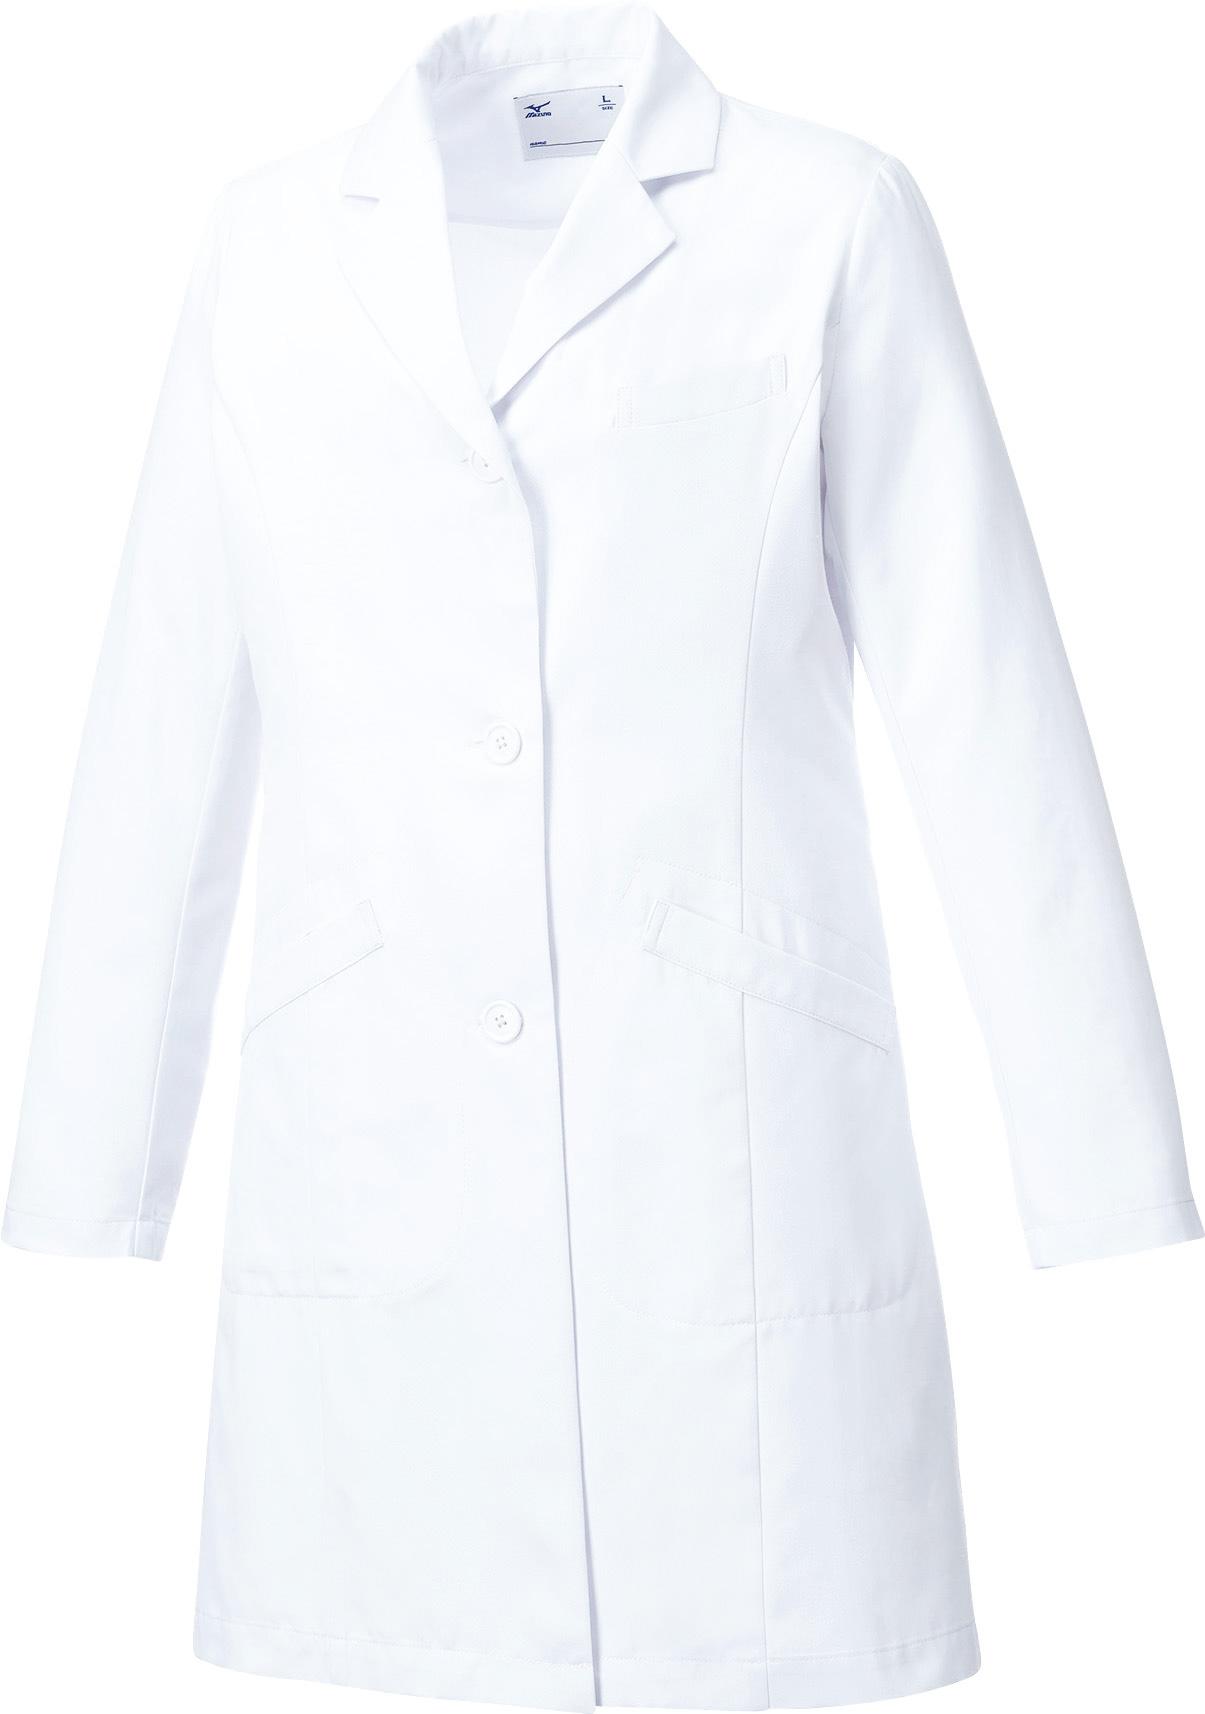 ミズノ ドクターコート/白衣(レディース)販売。刺繍、プリント加工対応します。研修医、医療チームウェアに人気